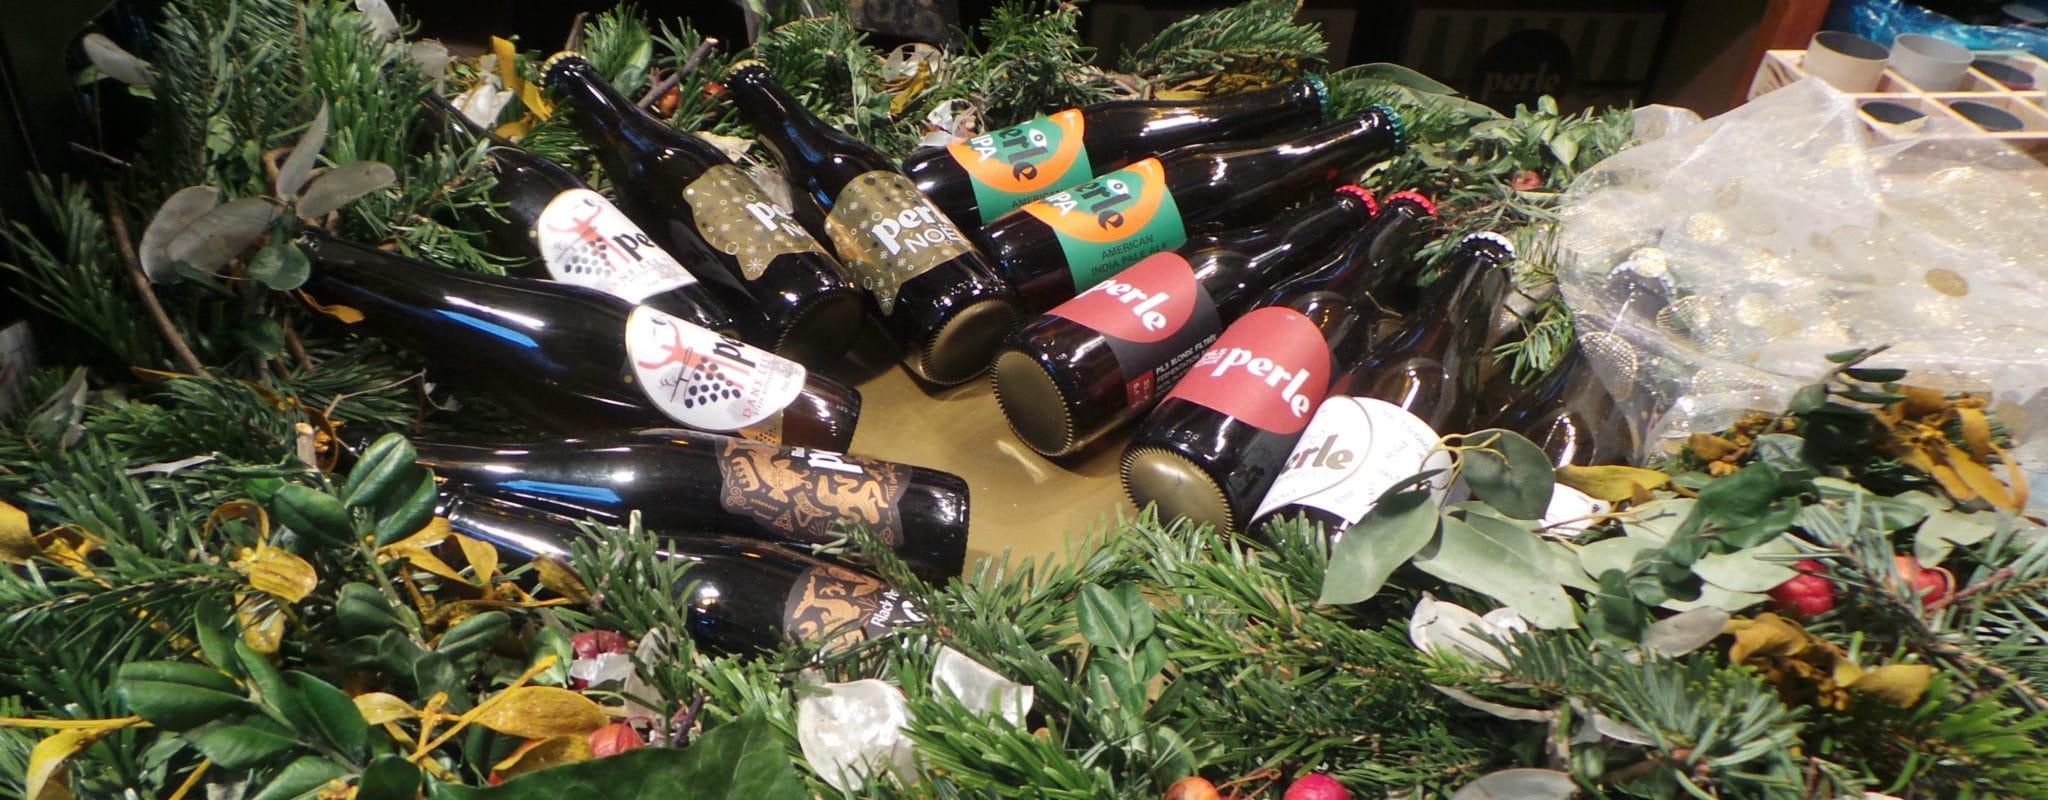 Une bière de Noël, s'il vous plaît. – Oui mais laquelle?